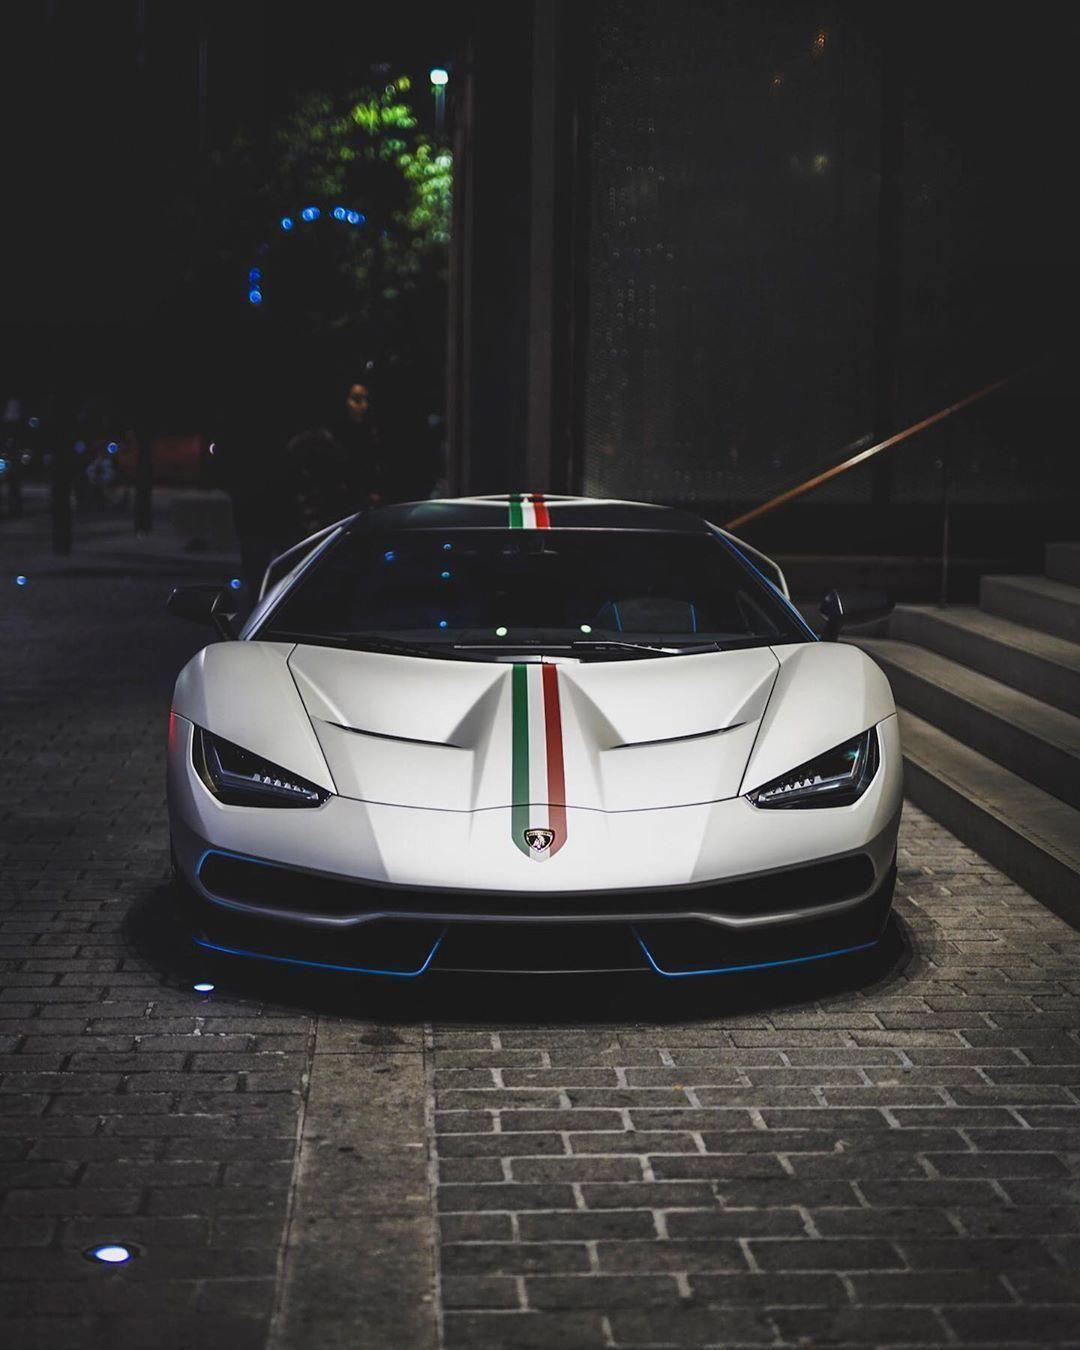 Lamborghini Centenario stare down